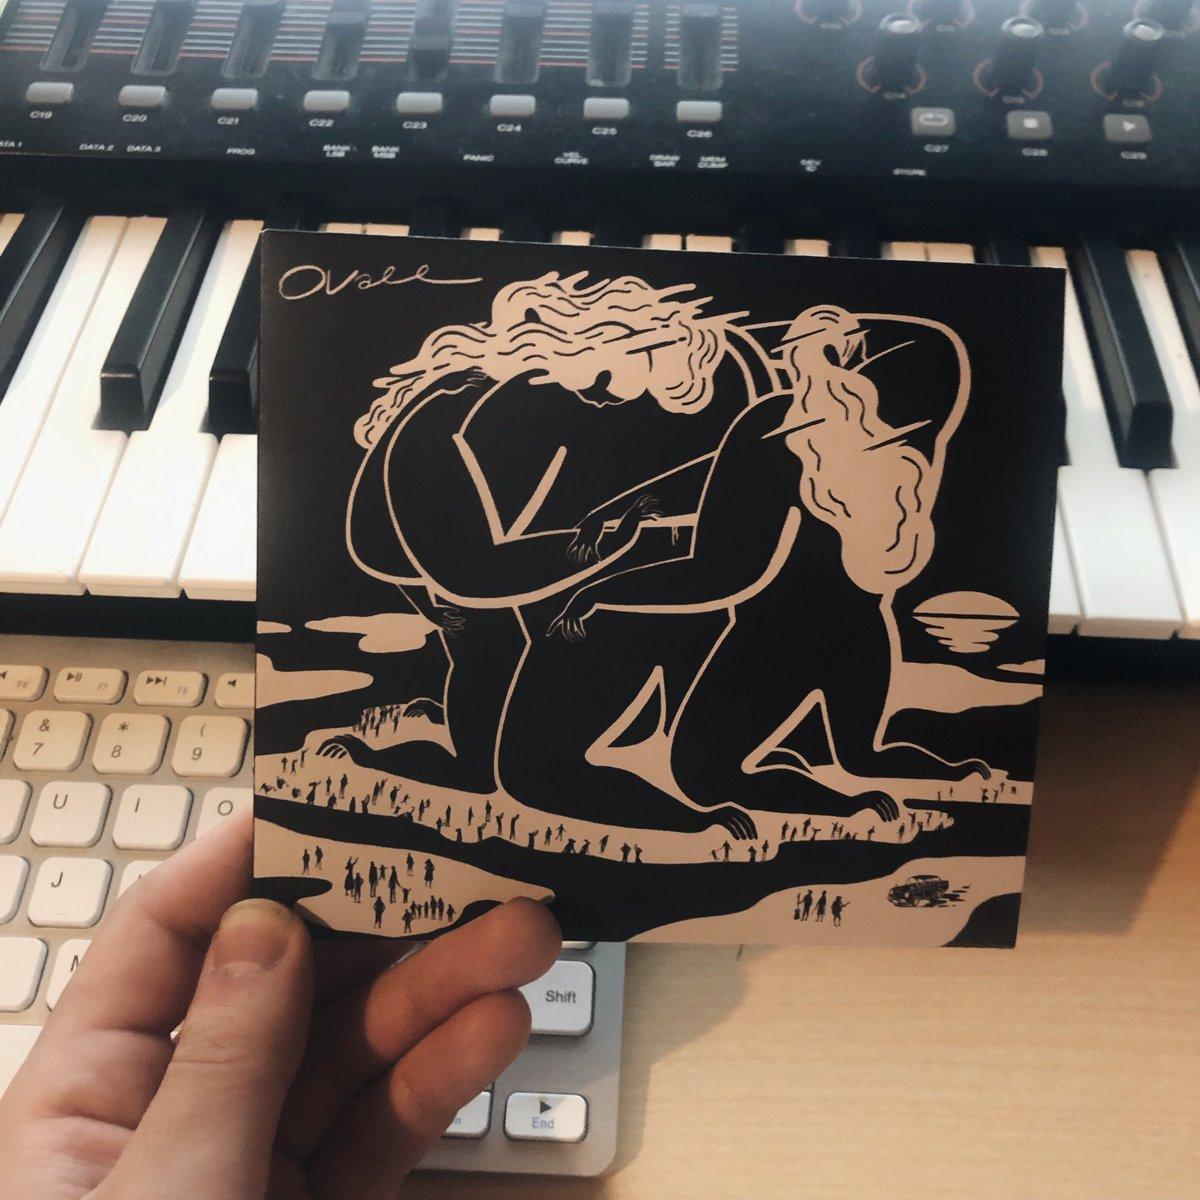 レーベルメートの@Ovall_Japan が本日ニューアルバムリリースしました。おめでとうございます!本当にかっこいいアルバムです。僕はTr7 「Paranoia」の歌詞を書きました。初回限定版では同じ曲の僕のカバー/リミックスバージョンも入っています。是非チェック👍